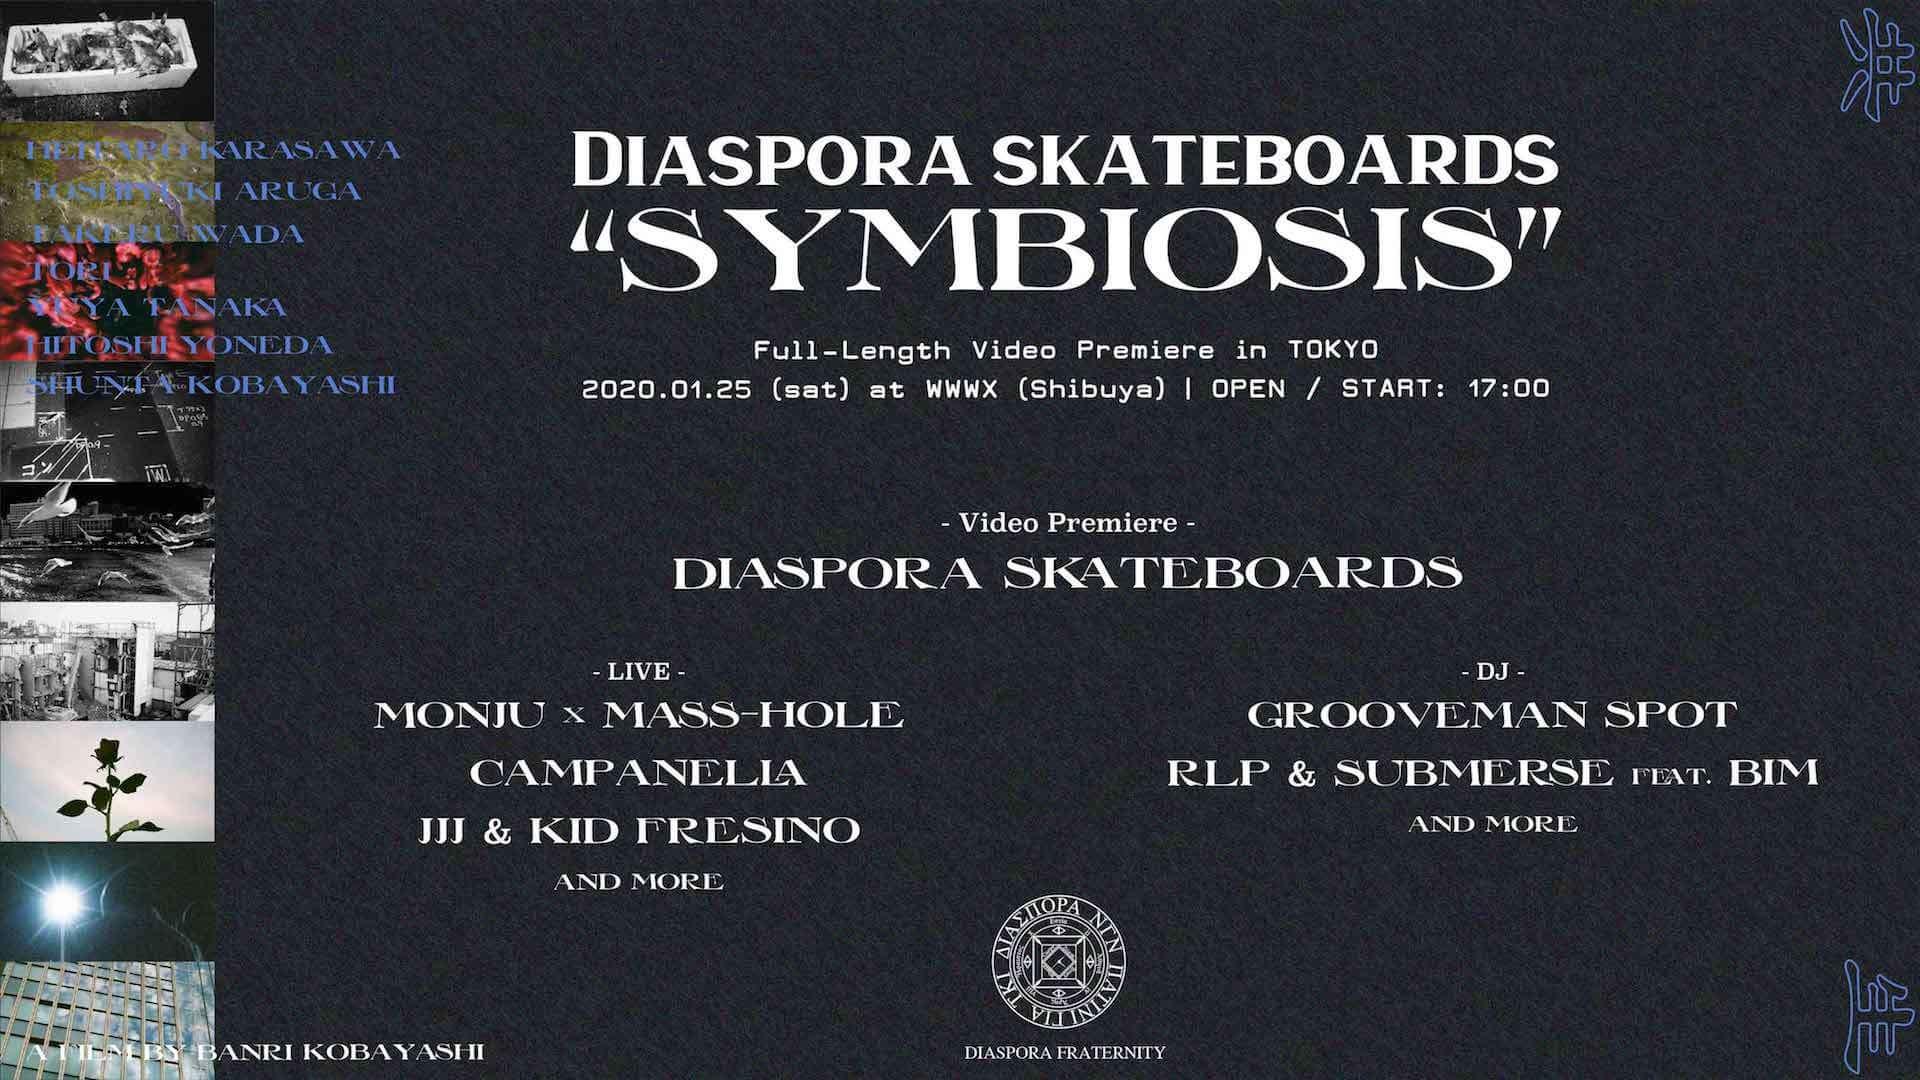 """ストリートなイベント【東京】Diaspora skateboards """"SYMBIOSIS"""" Premiere in Tokyo Diaspora skateboardsのフルレングスビデオ試写イベントが開催決定!"""